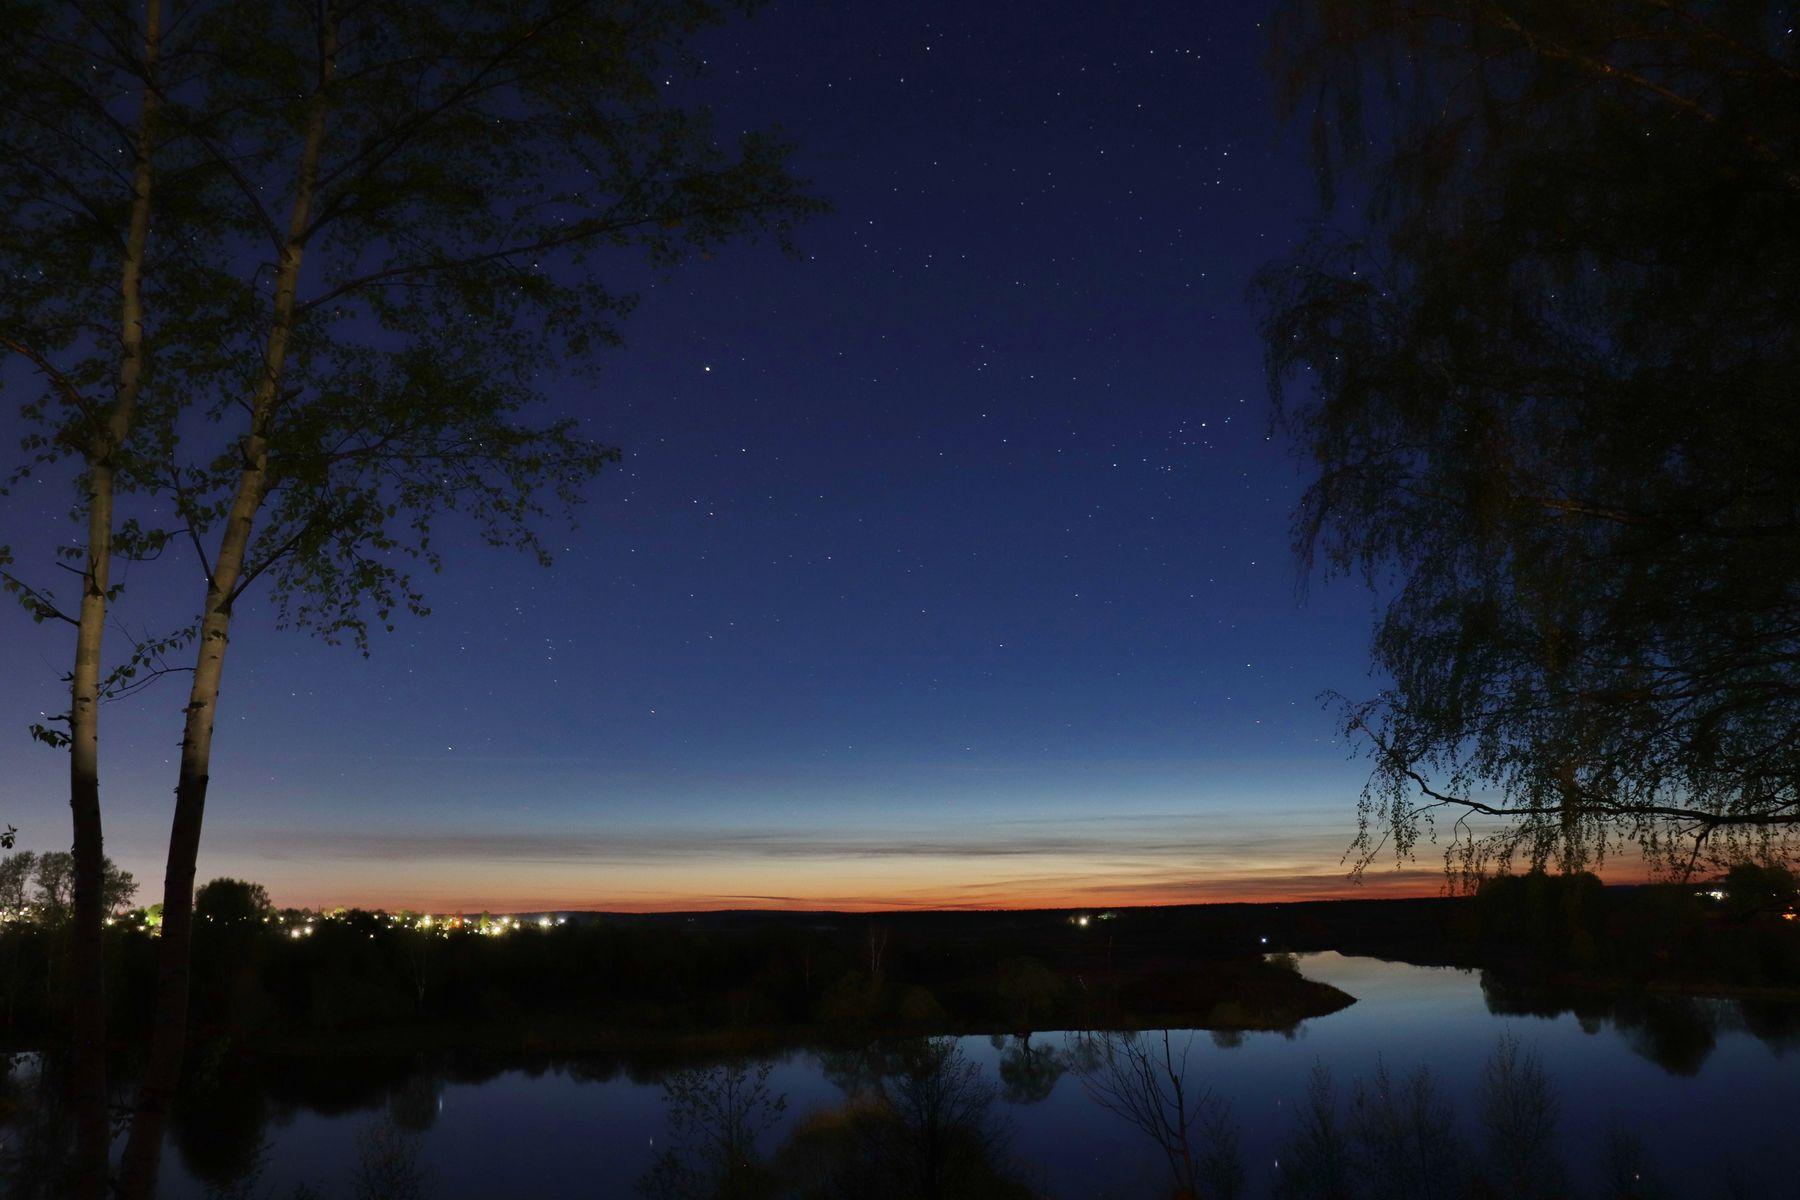 Поздний вечер. Звёзды над рекой Тезой. Шуя город река Теза Ивановская область вечер звёзды астрофотография